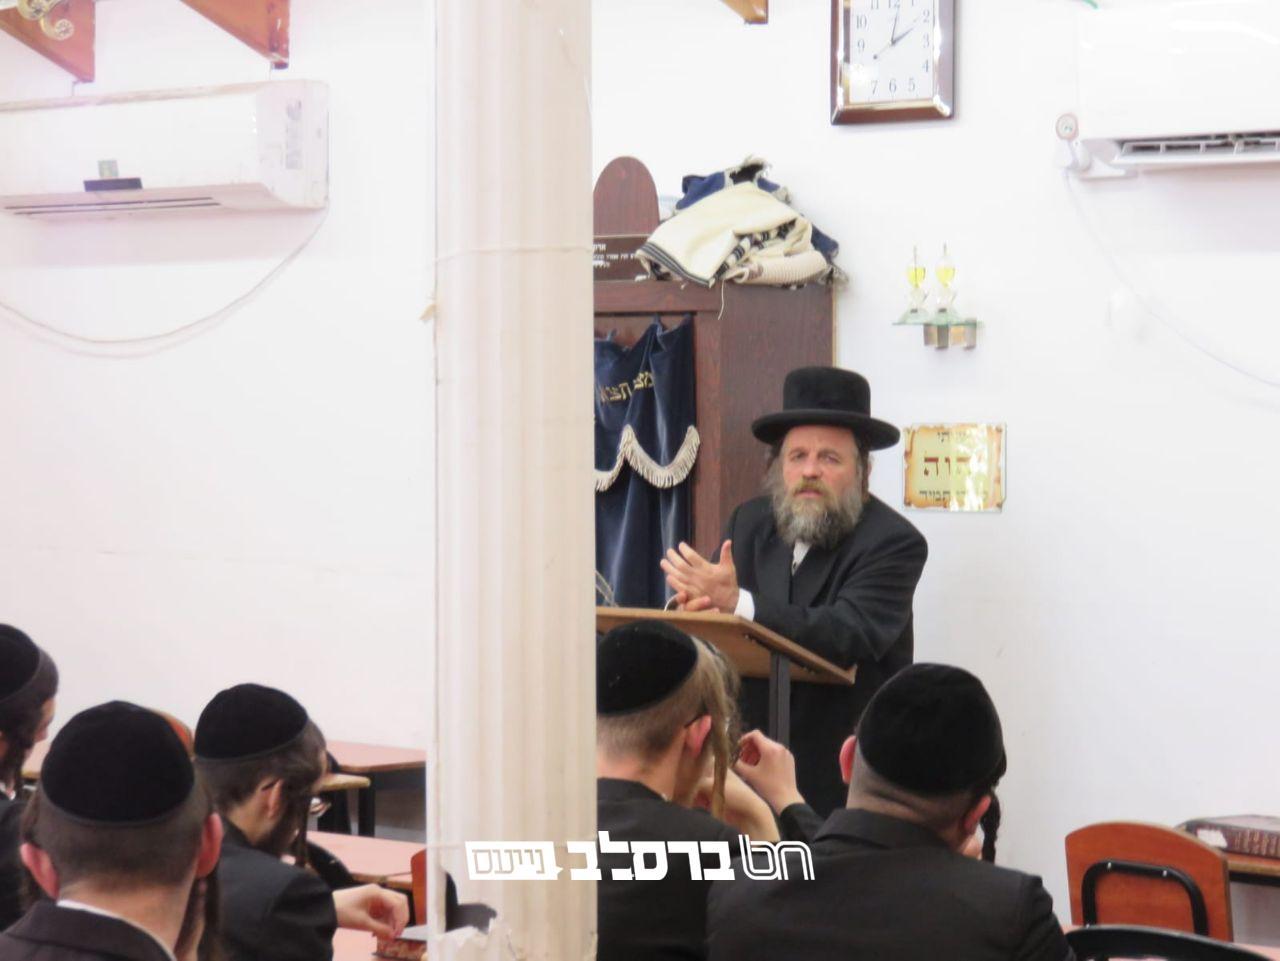 ישיבת 'מתיבתא' • עצרת תפילה וזעקה לביטול רוע הגזירות המתרבים בארץ ישראל ובחוץ לארץ